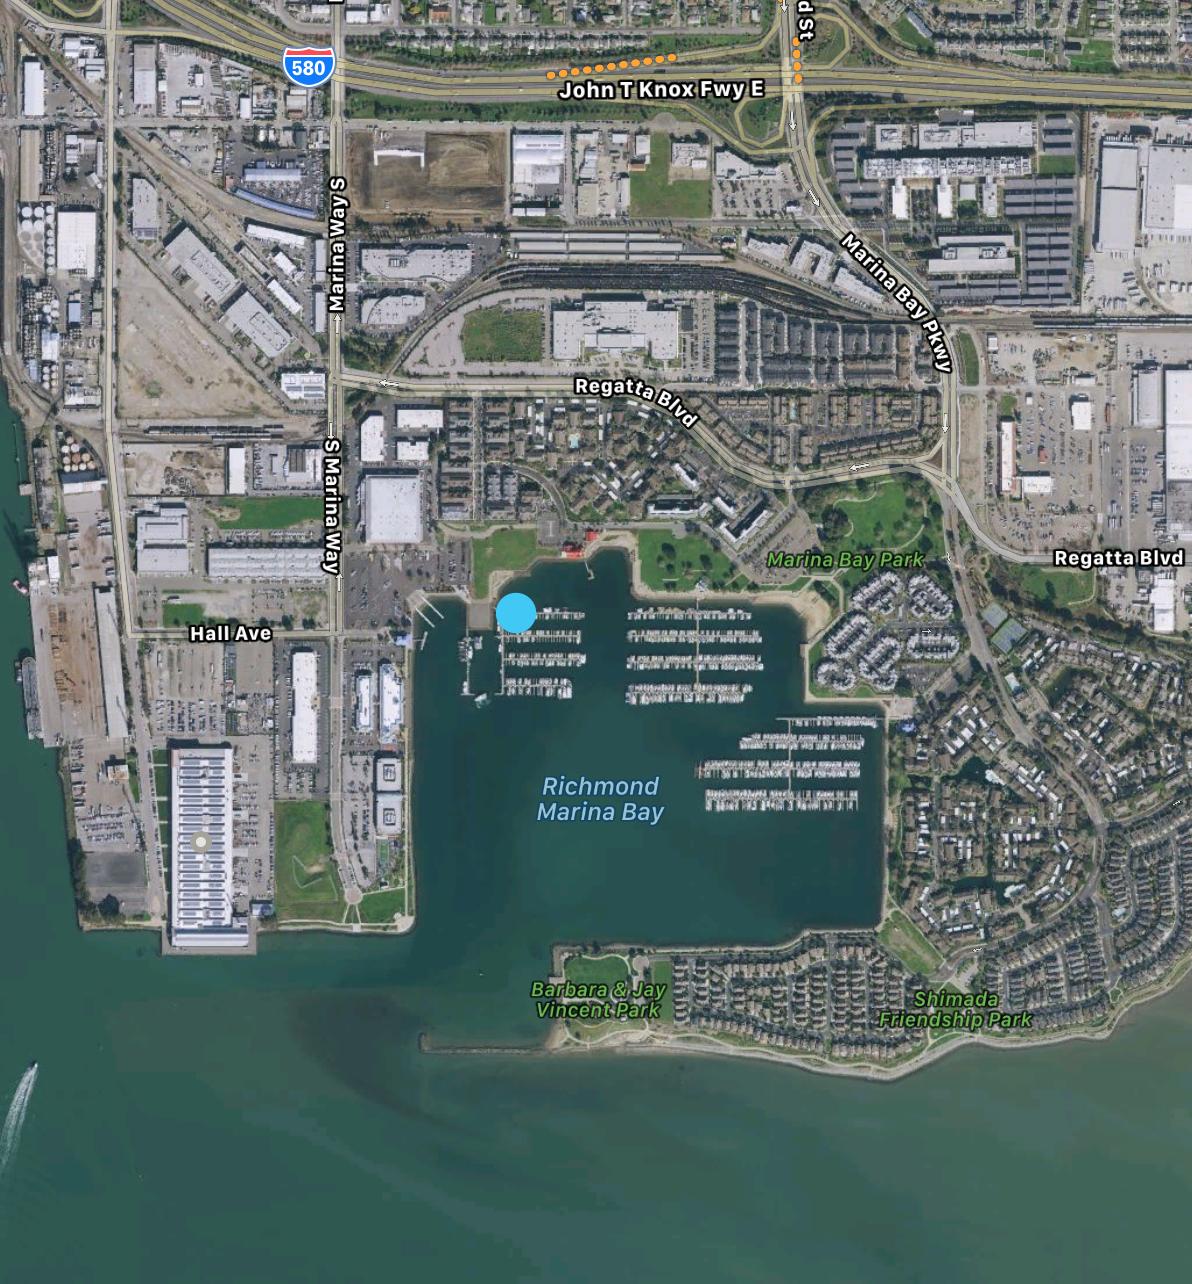 Marina Bay Yacht Harbor, Richmond